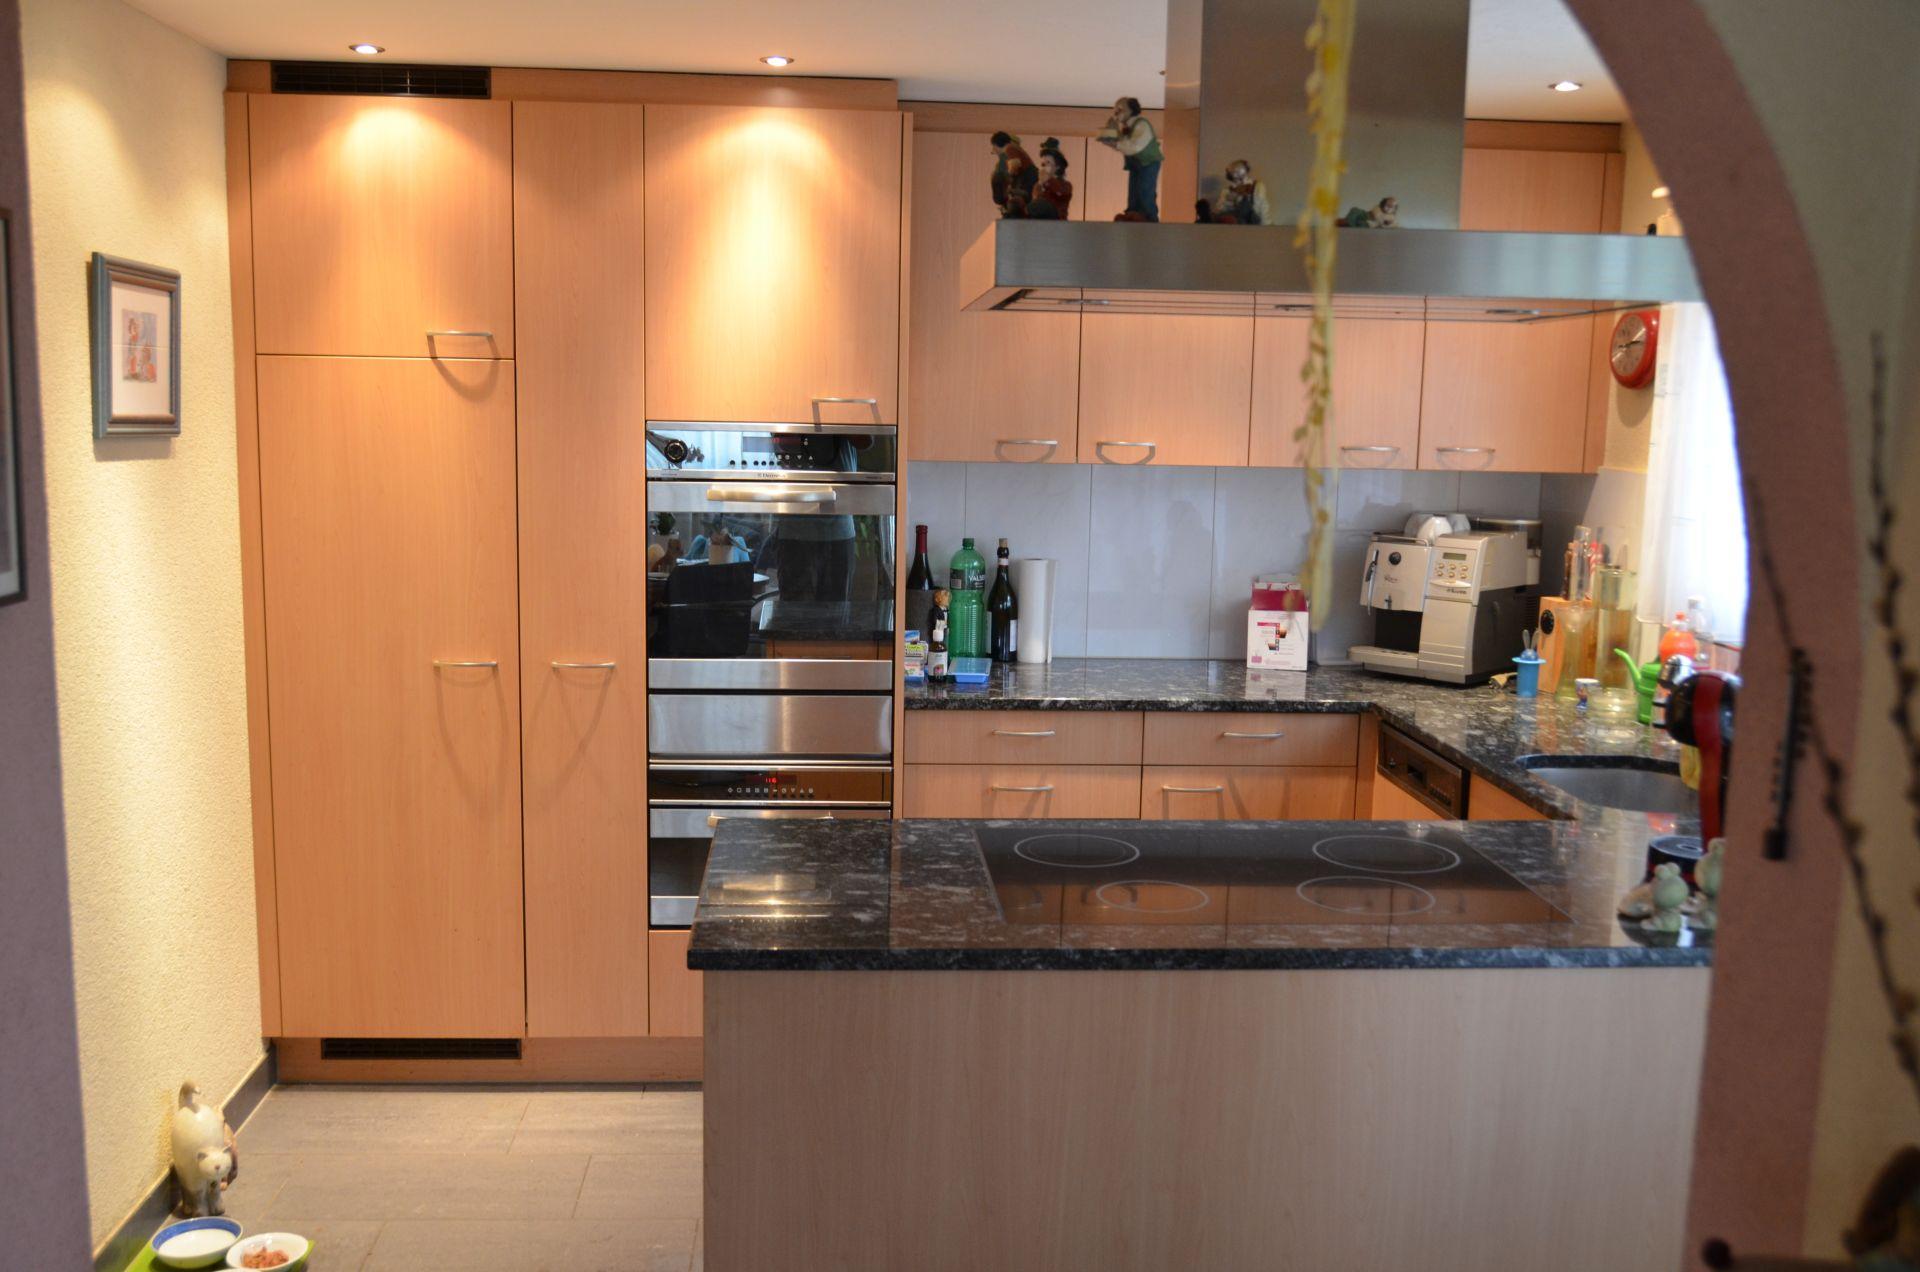 moderne Küche mit viel Stauraum und modernen Geräten